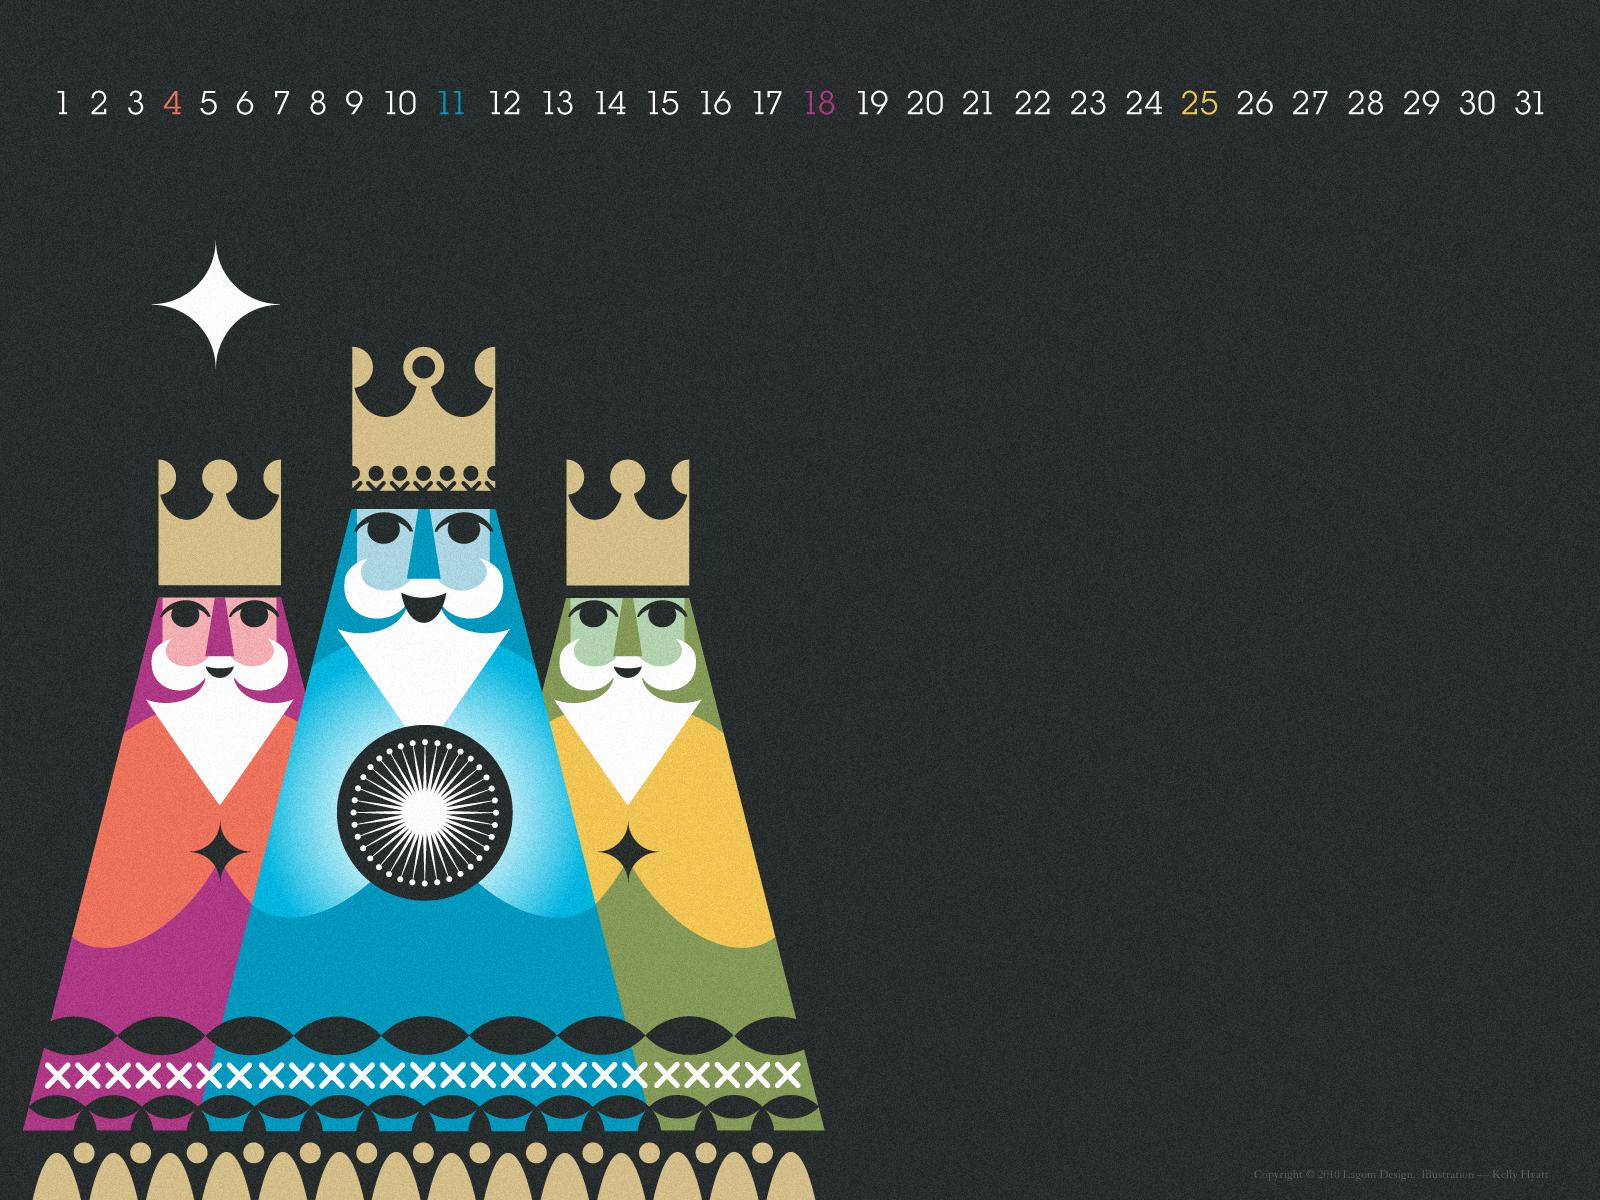 http://1.bp.blogspot.com/_3dDPXQEozxY/TP0L6SQ3QLI/AAAAAAAAASQ/56_f3r_0bGg/s1600/Christmas-Wallpaper--1600-_-1200.jpg